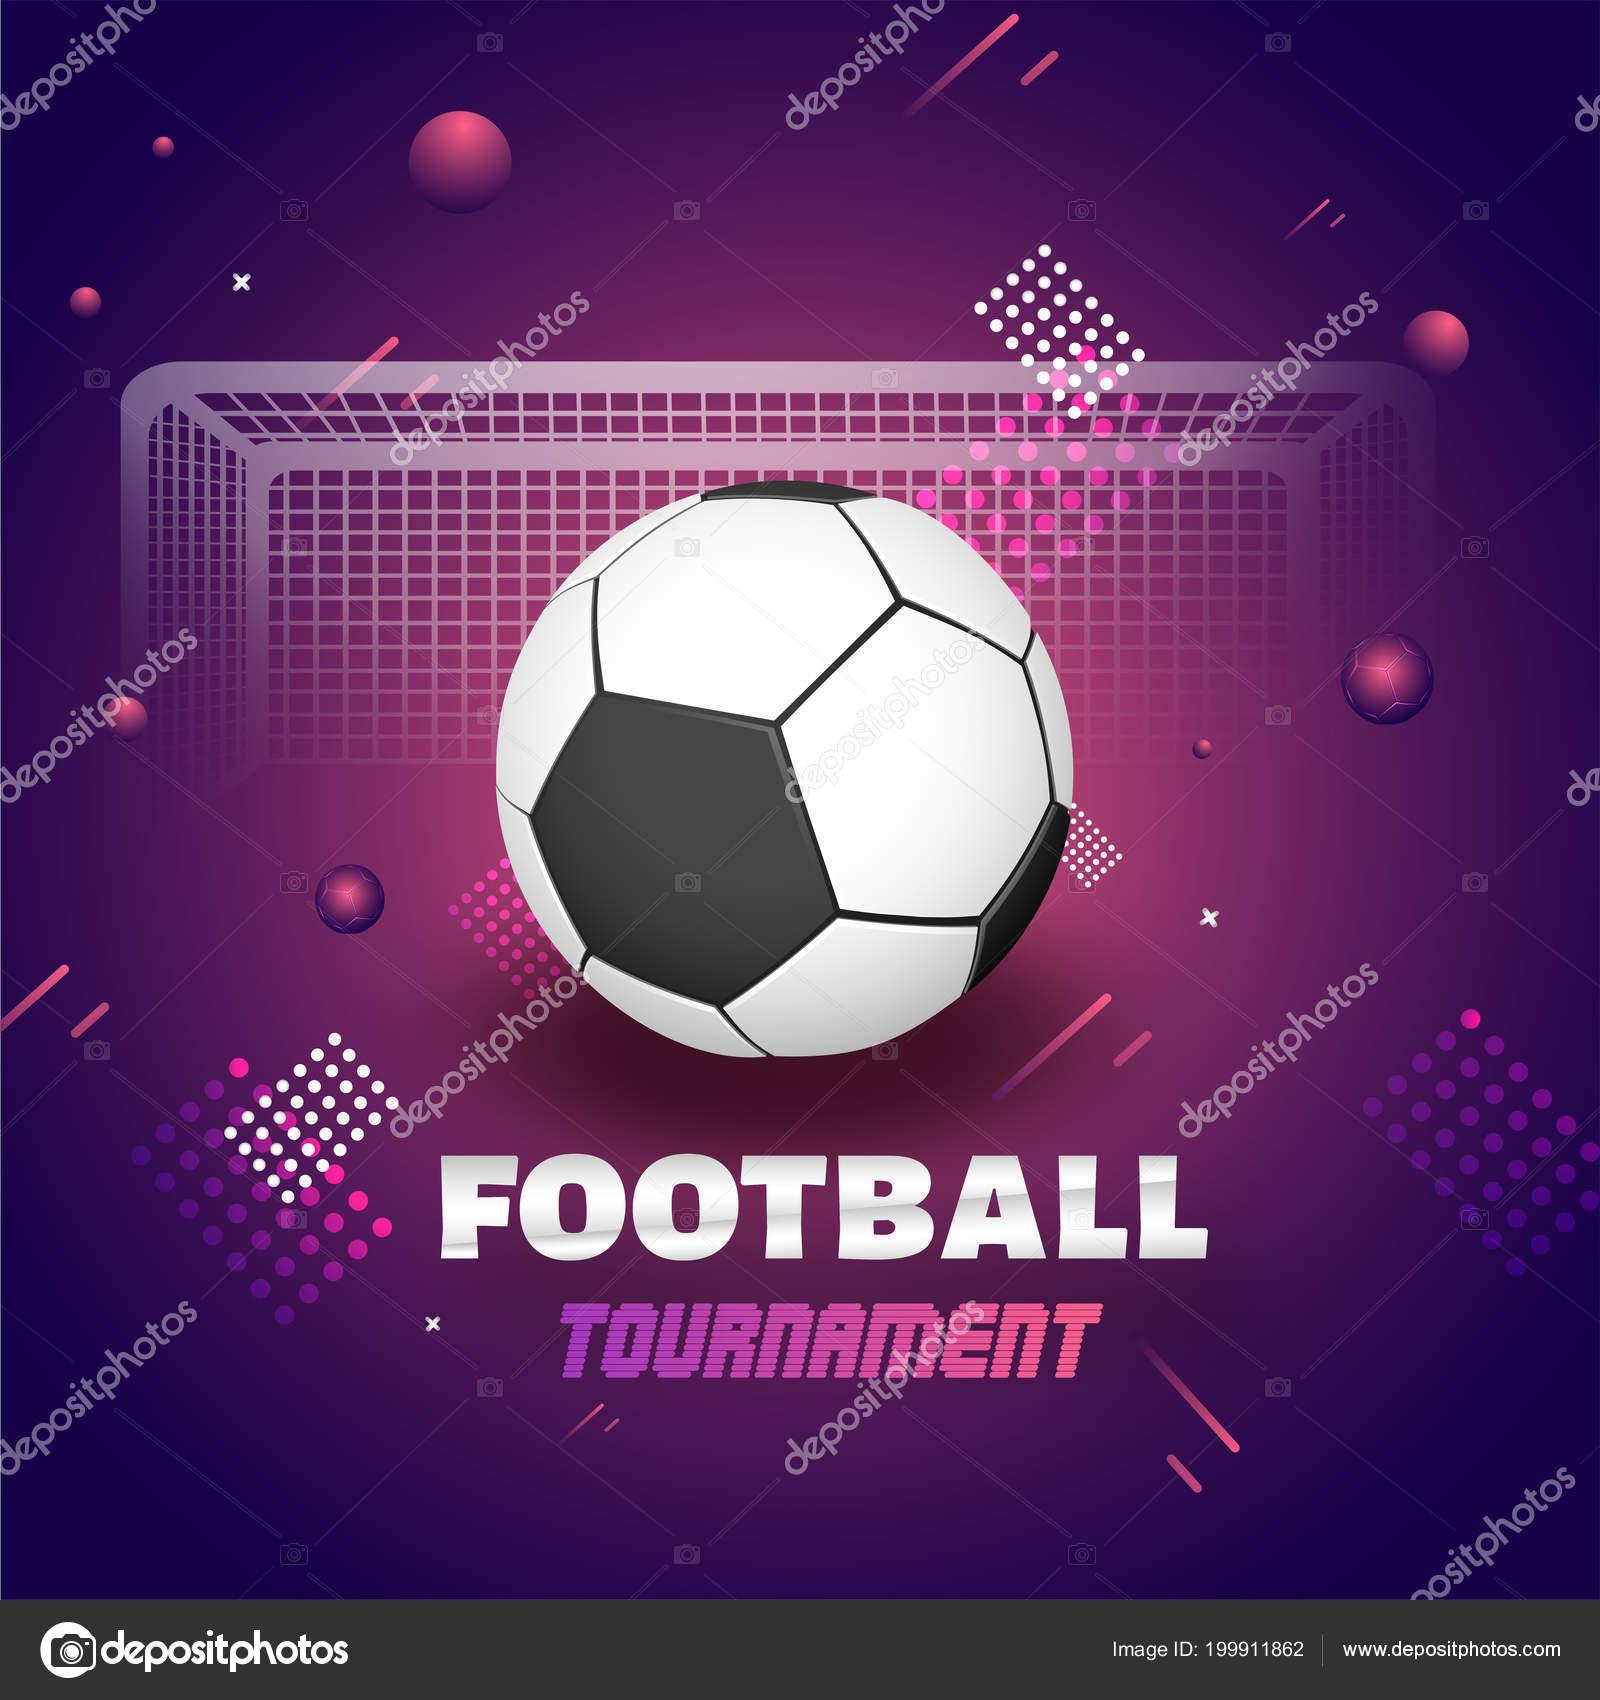 Football Tournament Banner Poster Design Football Goalpost Abstract Background Stock Vector C Alliesinteract 199911862